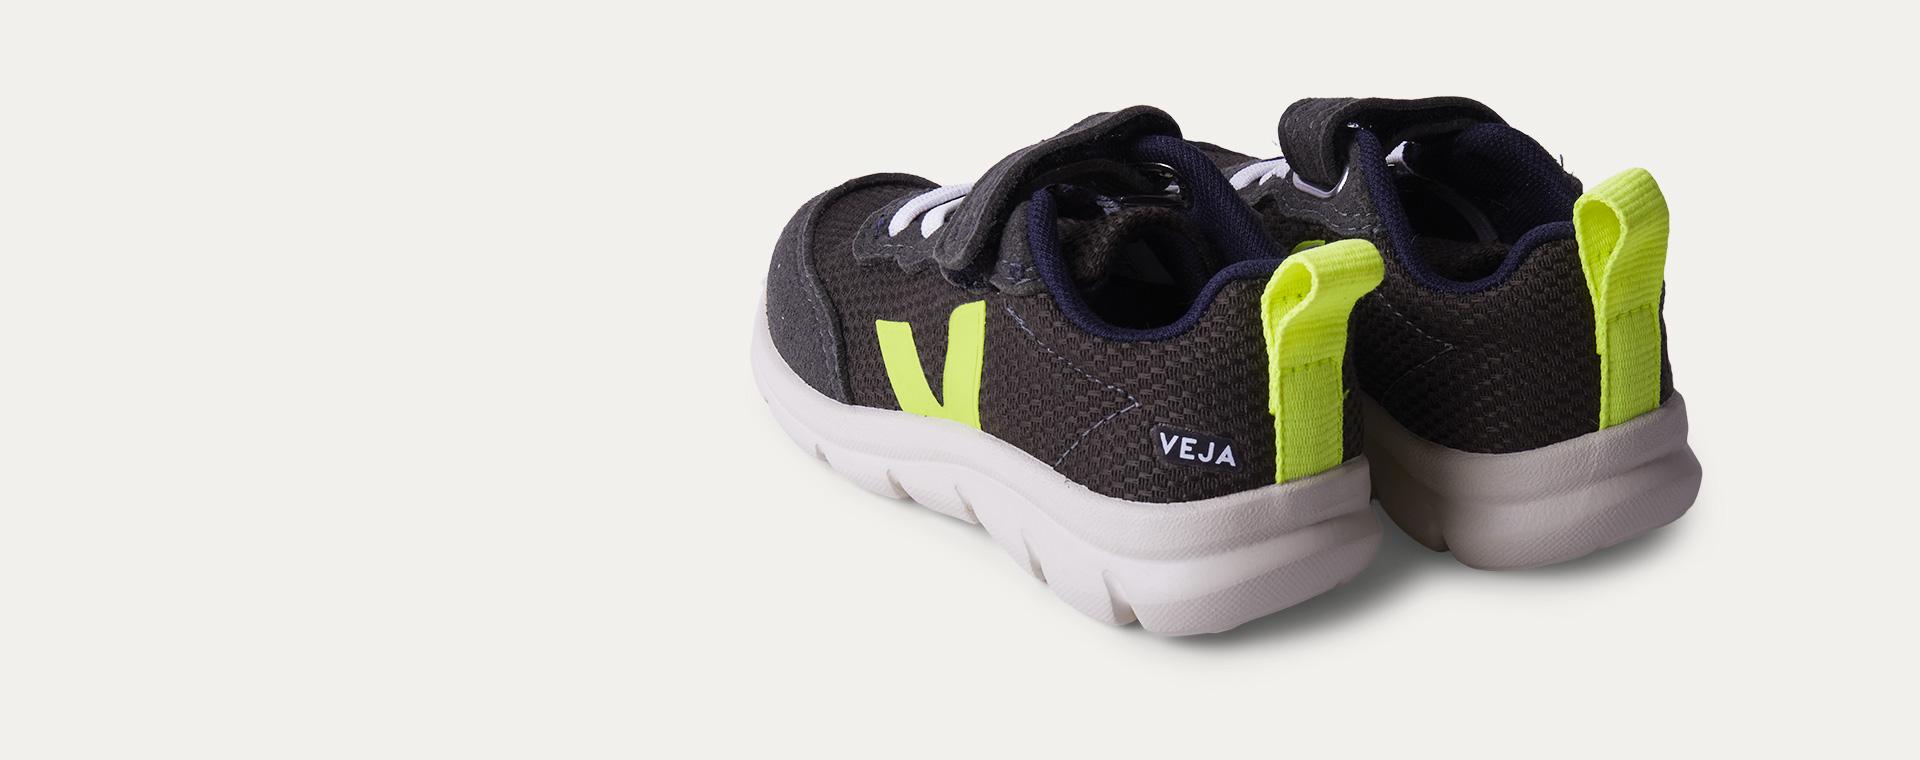 Olive Fluo Veja Vegan B-mesh Trainer